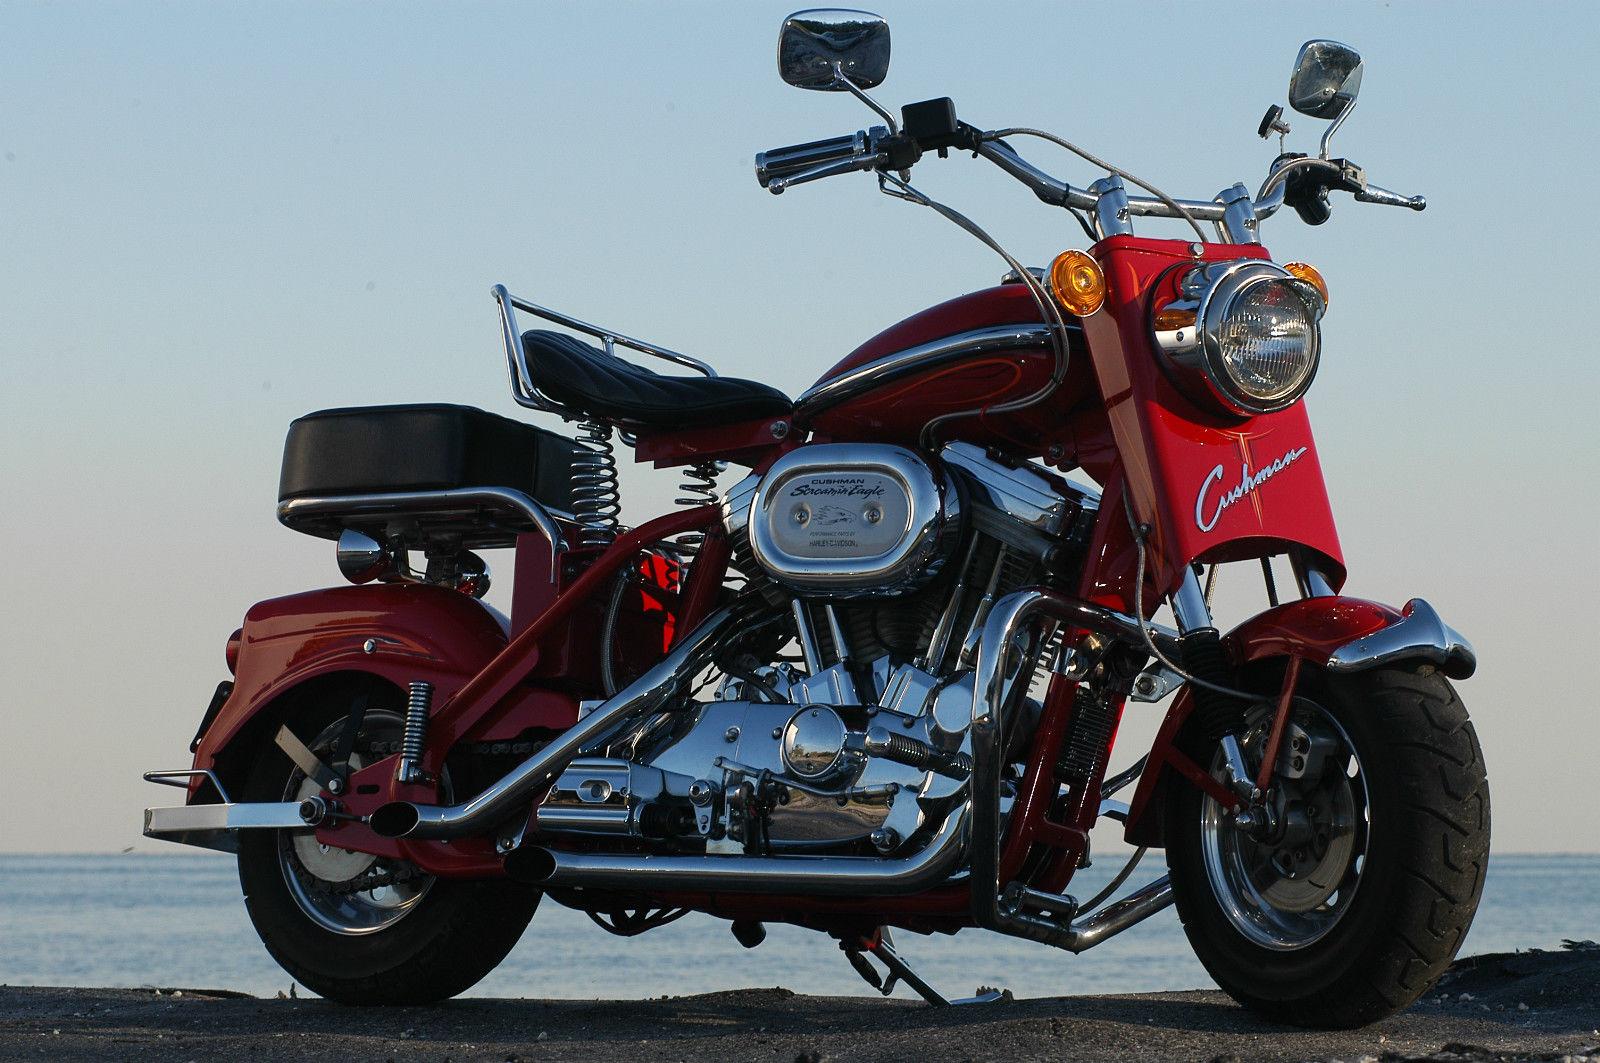 Harley Stuff On Ebay